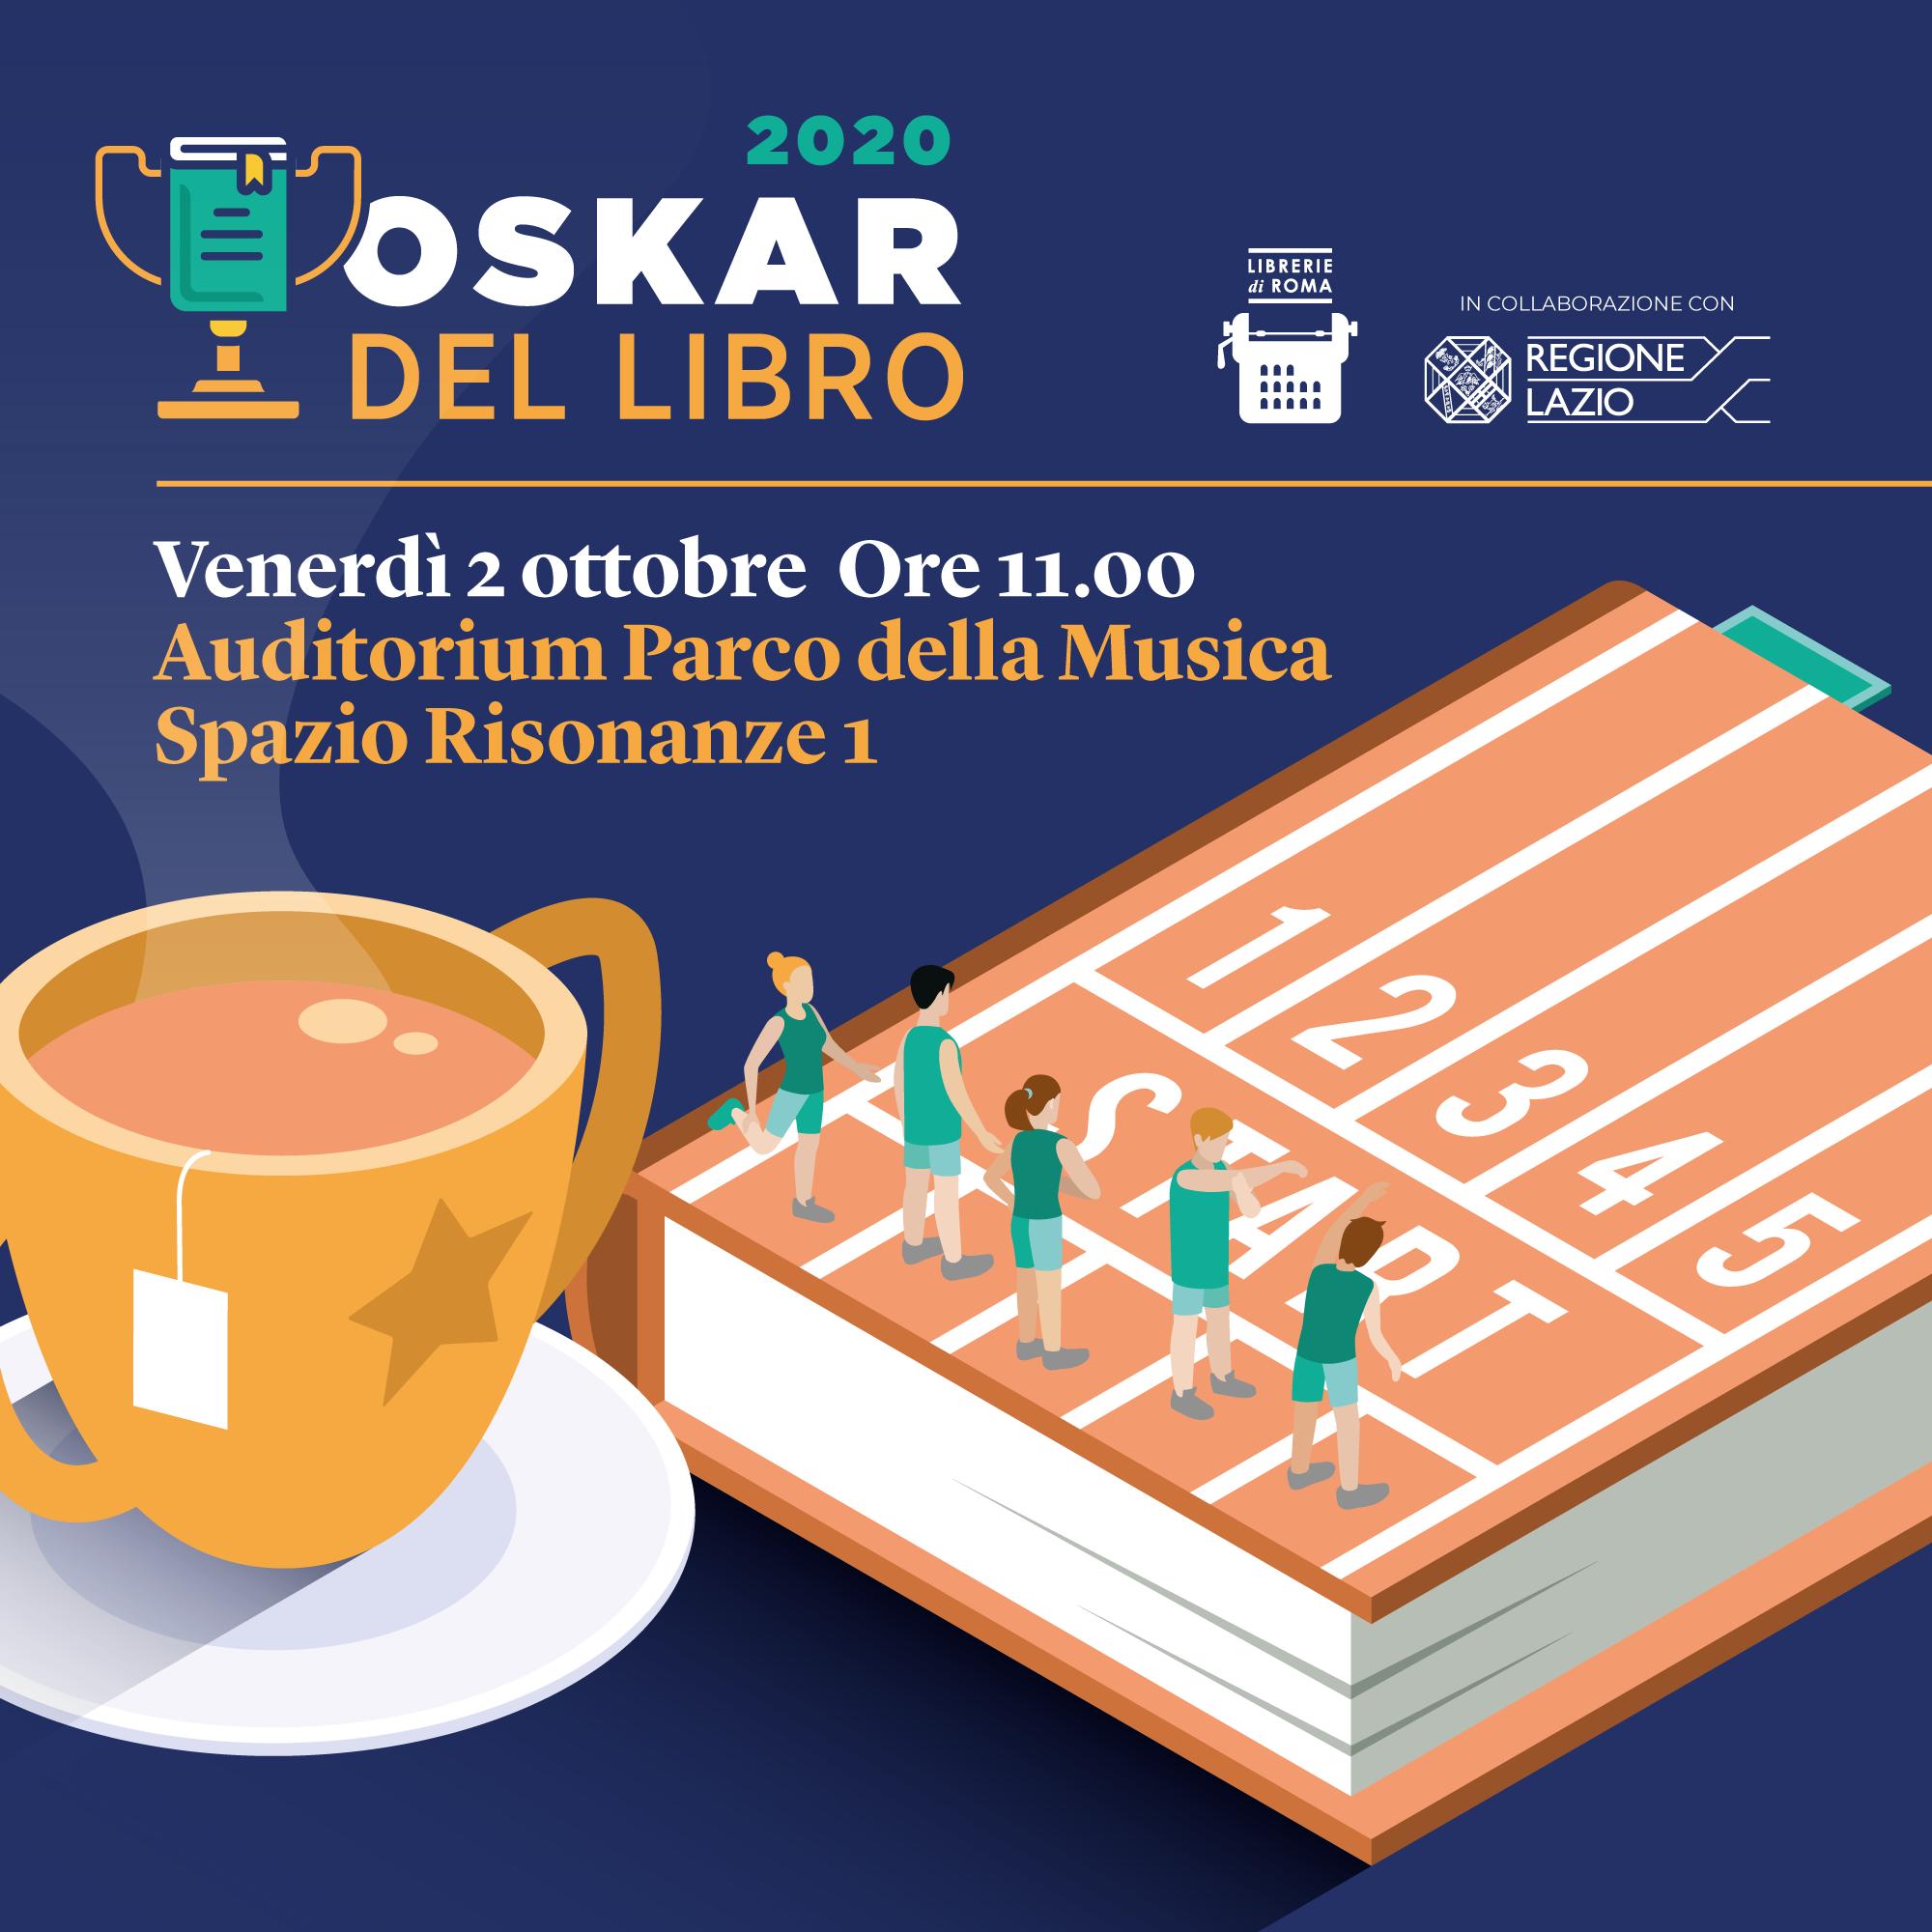 Eventi, premiazione Oskar del Libro, venerdì 2 ottobre all'Auditorium Parco della Musica